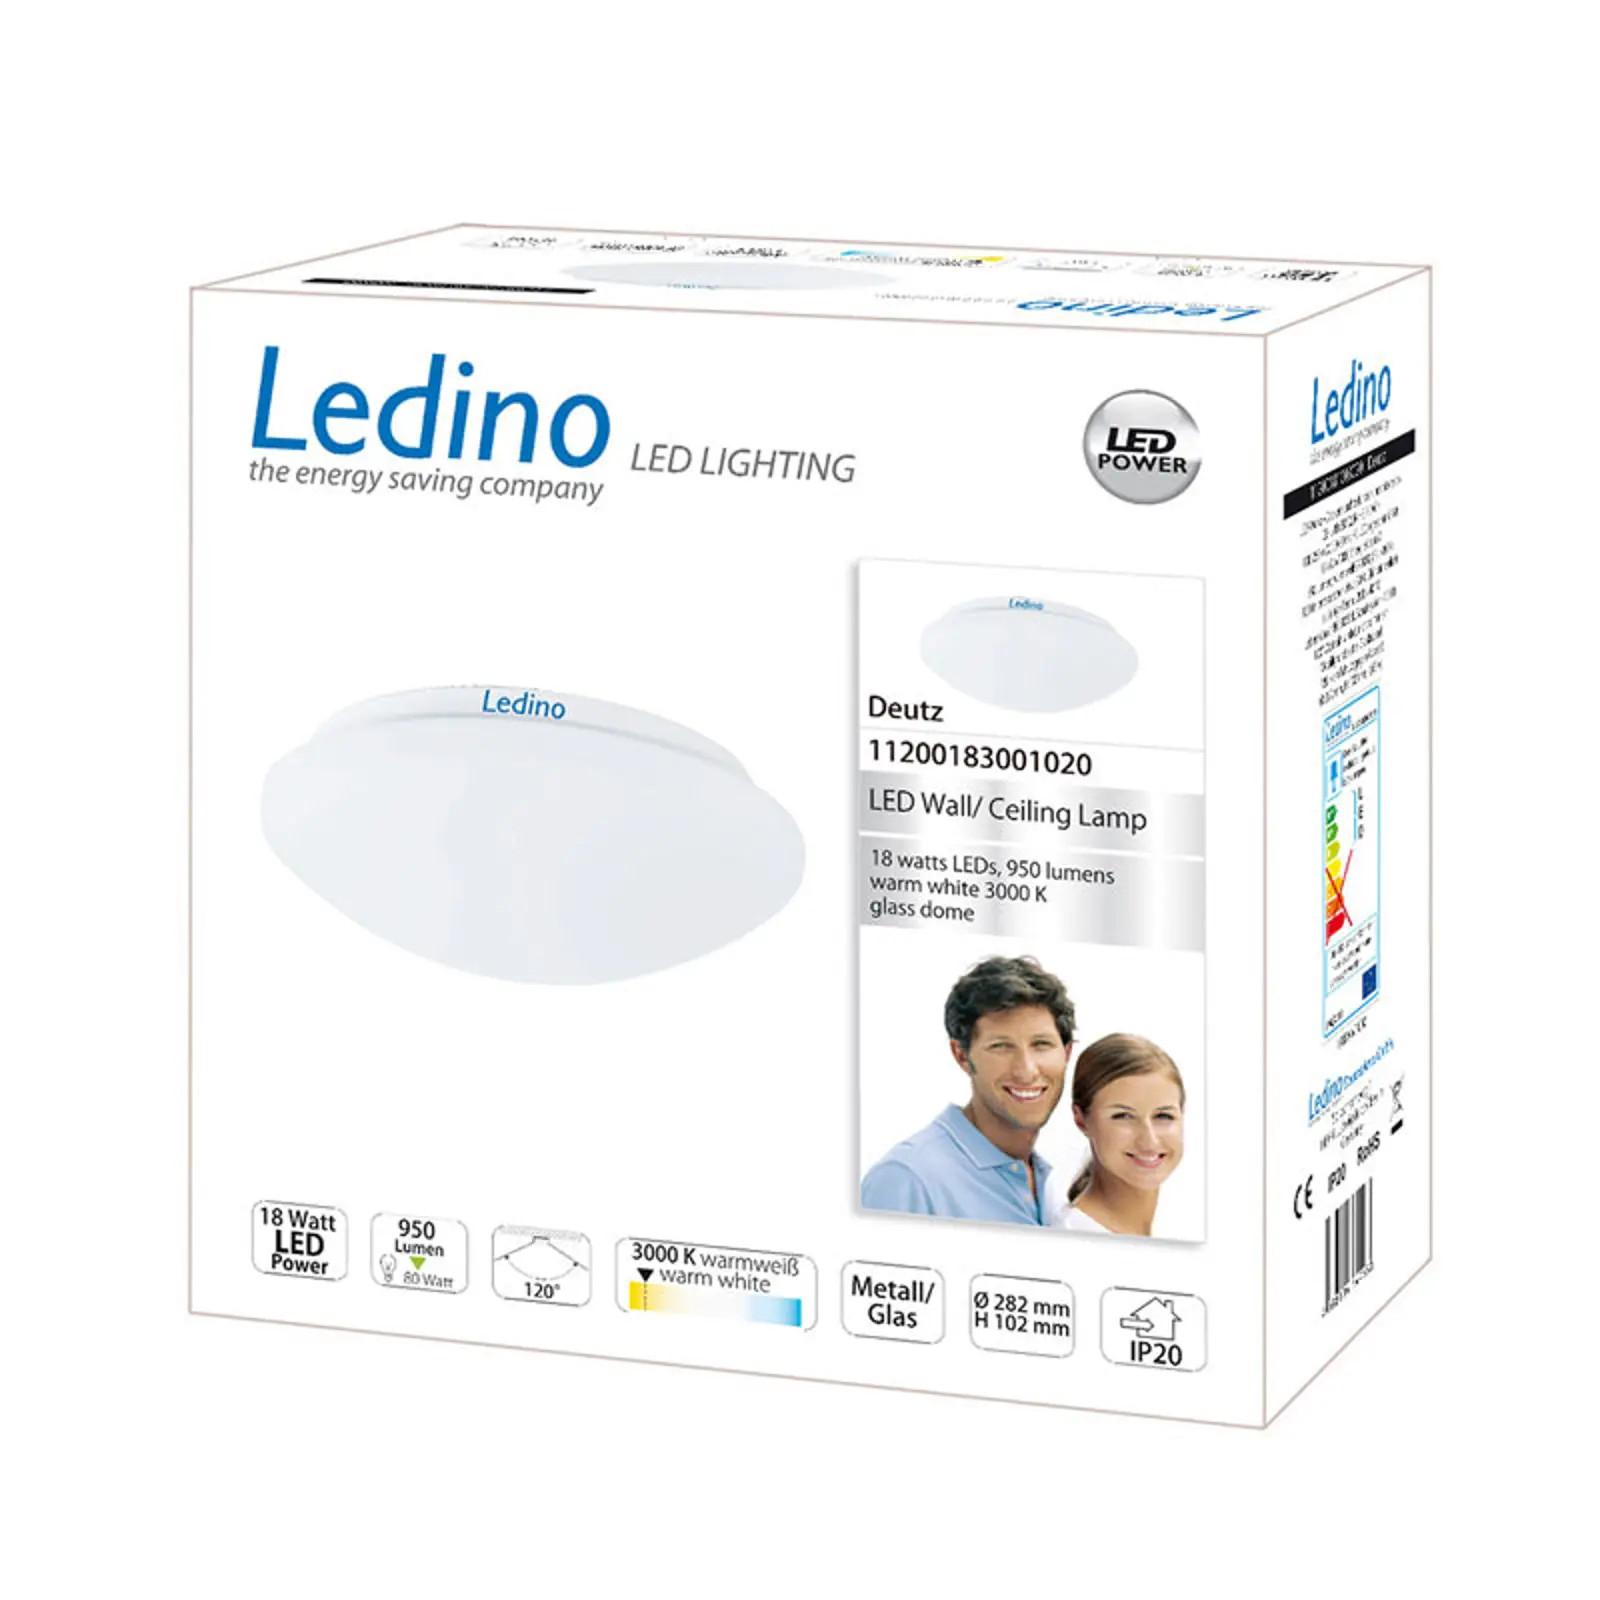 Ledino LED-Deckenleuchte Deutz mit Glaskuppel A+ (18 W, 3.000 K, 950 lm, IP20, Durchmesser 28,2cm)